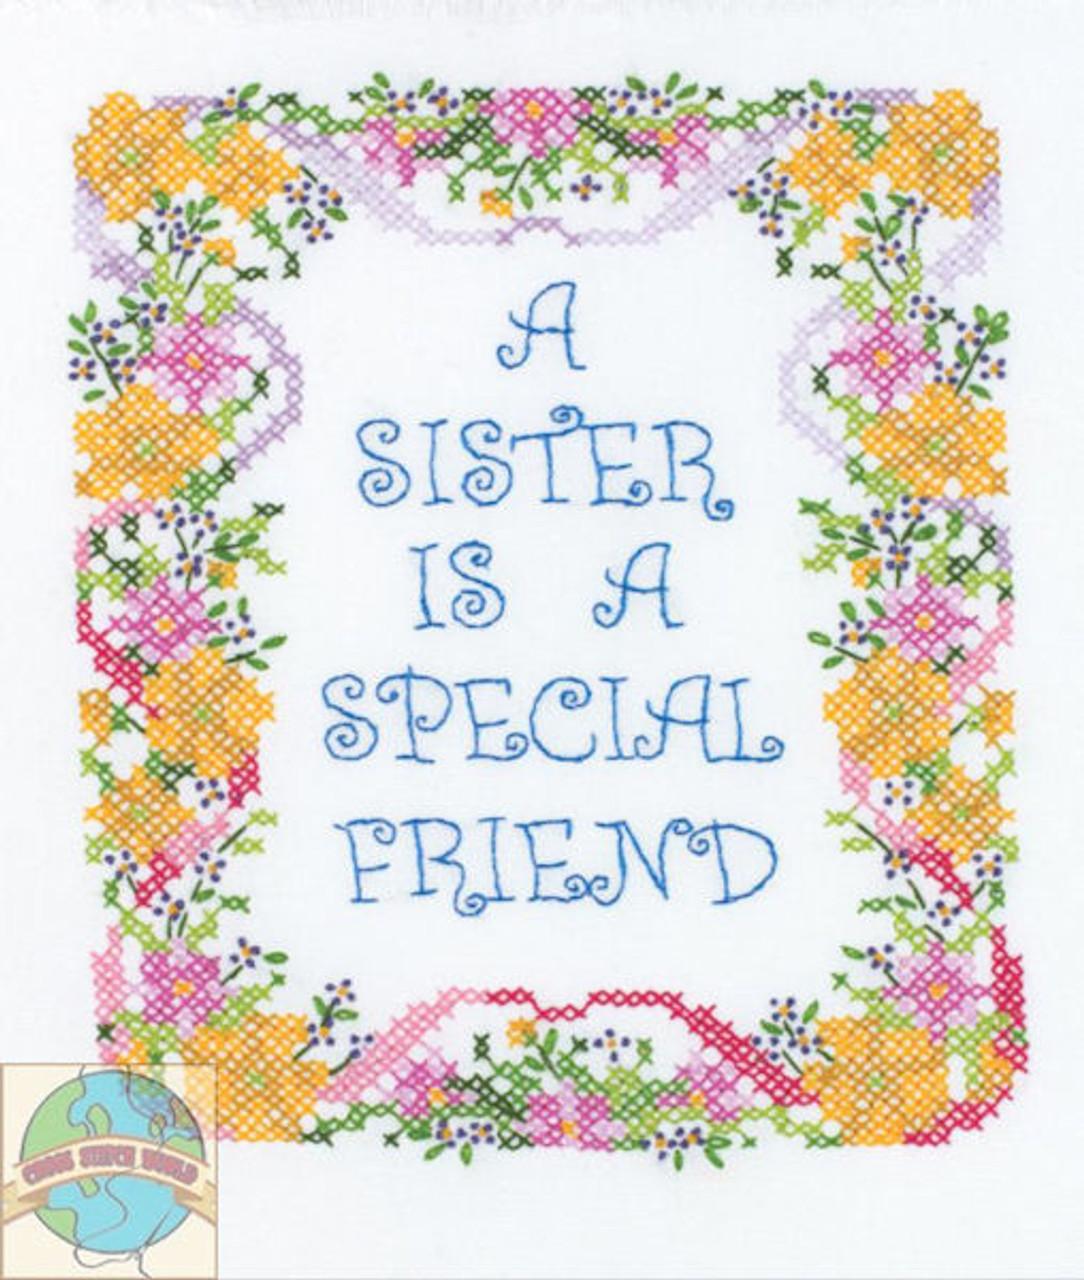 Plaid / Bucilla - Sister